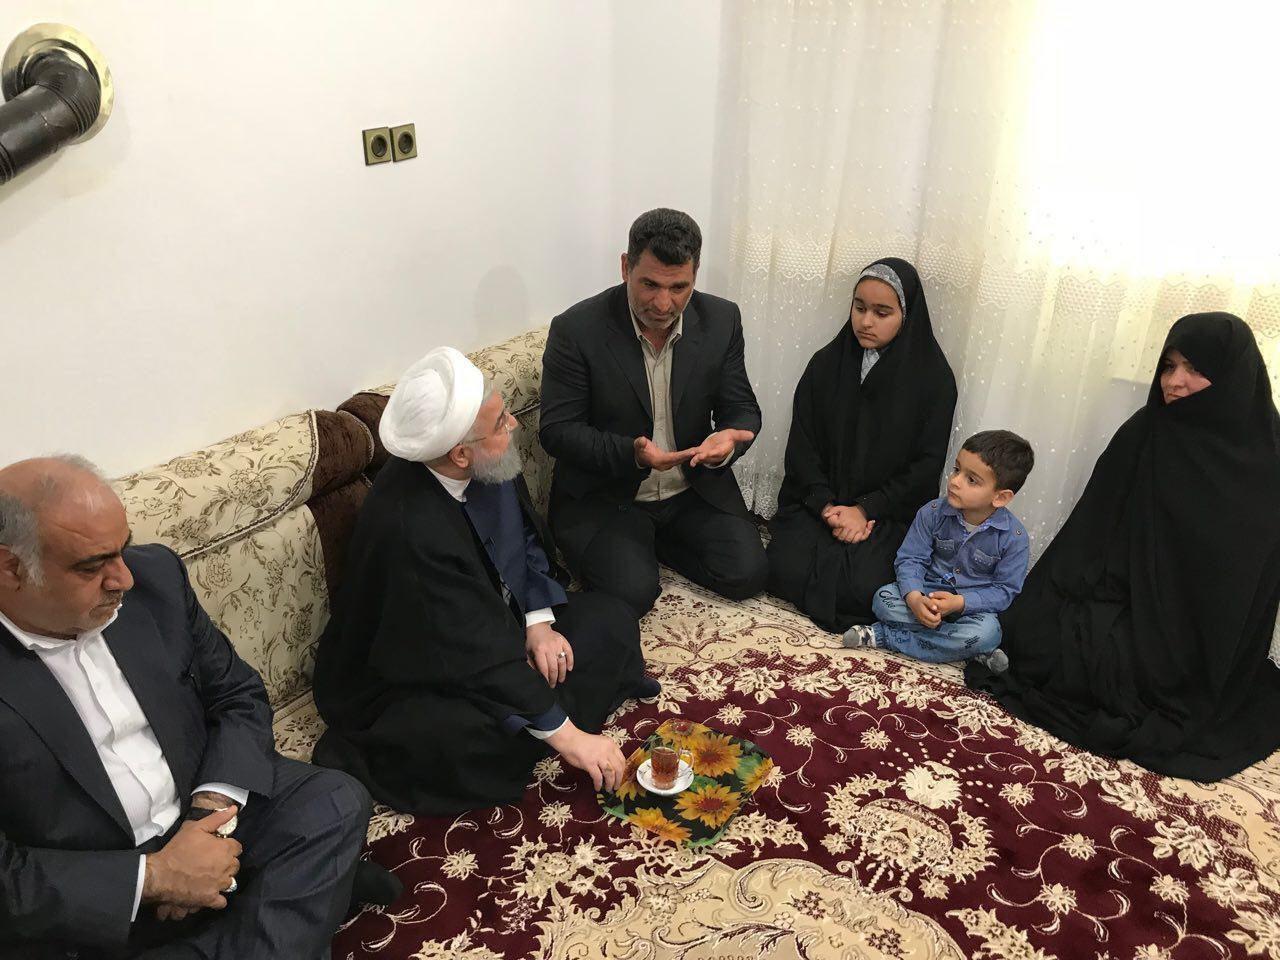 عکسی از حضور حسن روحانی در کانکس زلزلهزدگان کرمانشاه